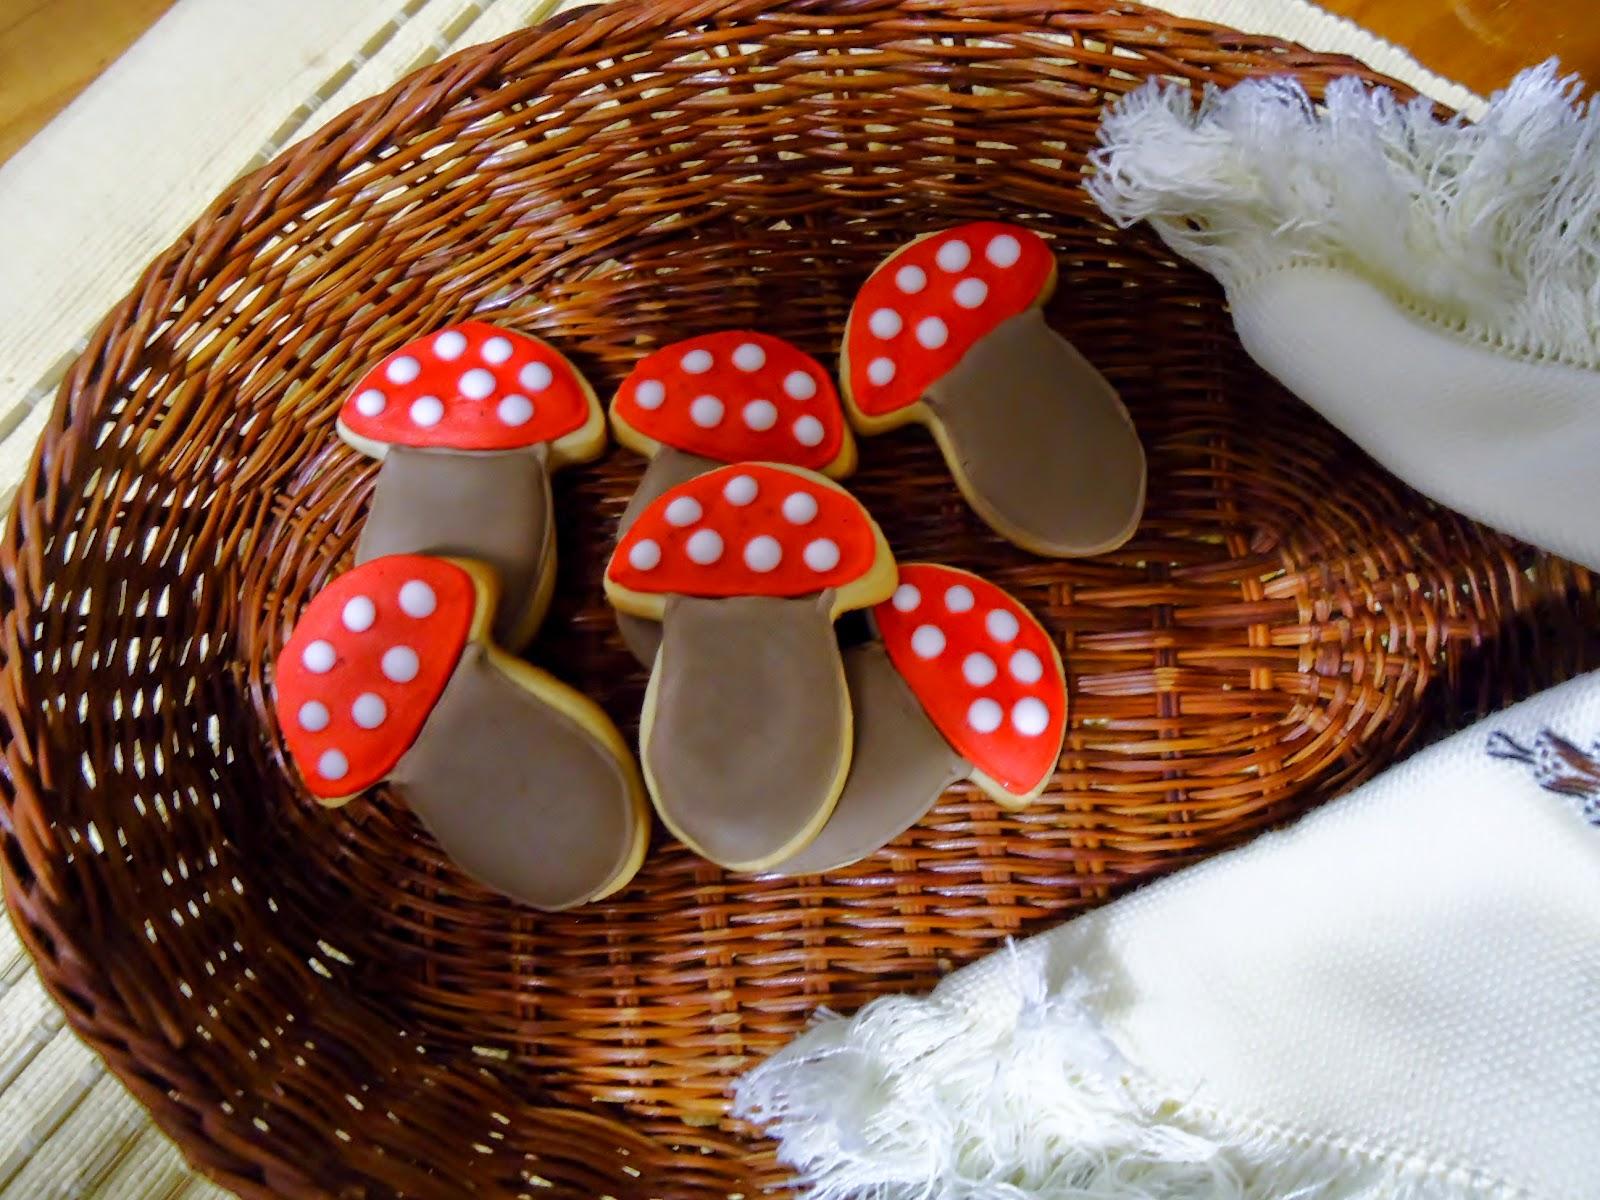 Galletas decoradas con Glasa III : ¡Una de setas!... ¡Oído, cocina ...